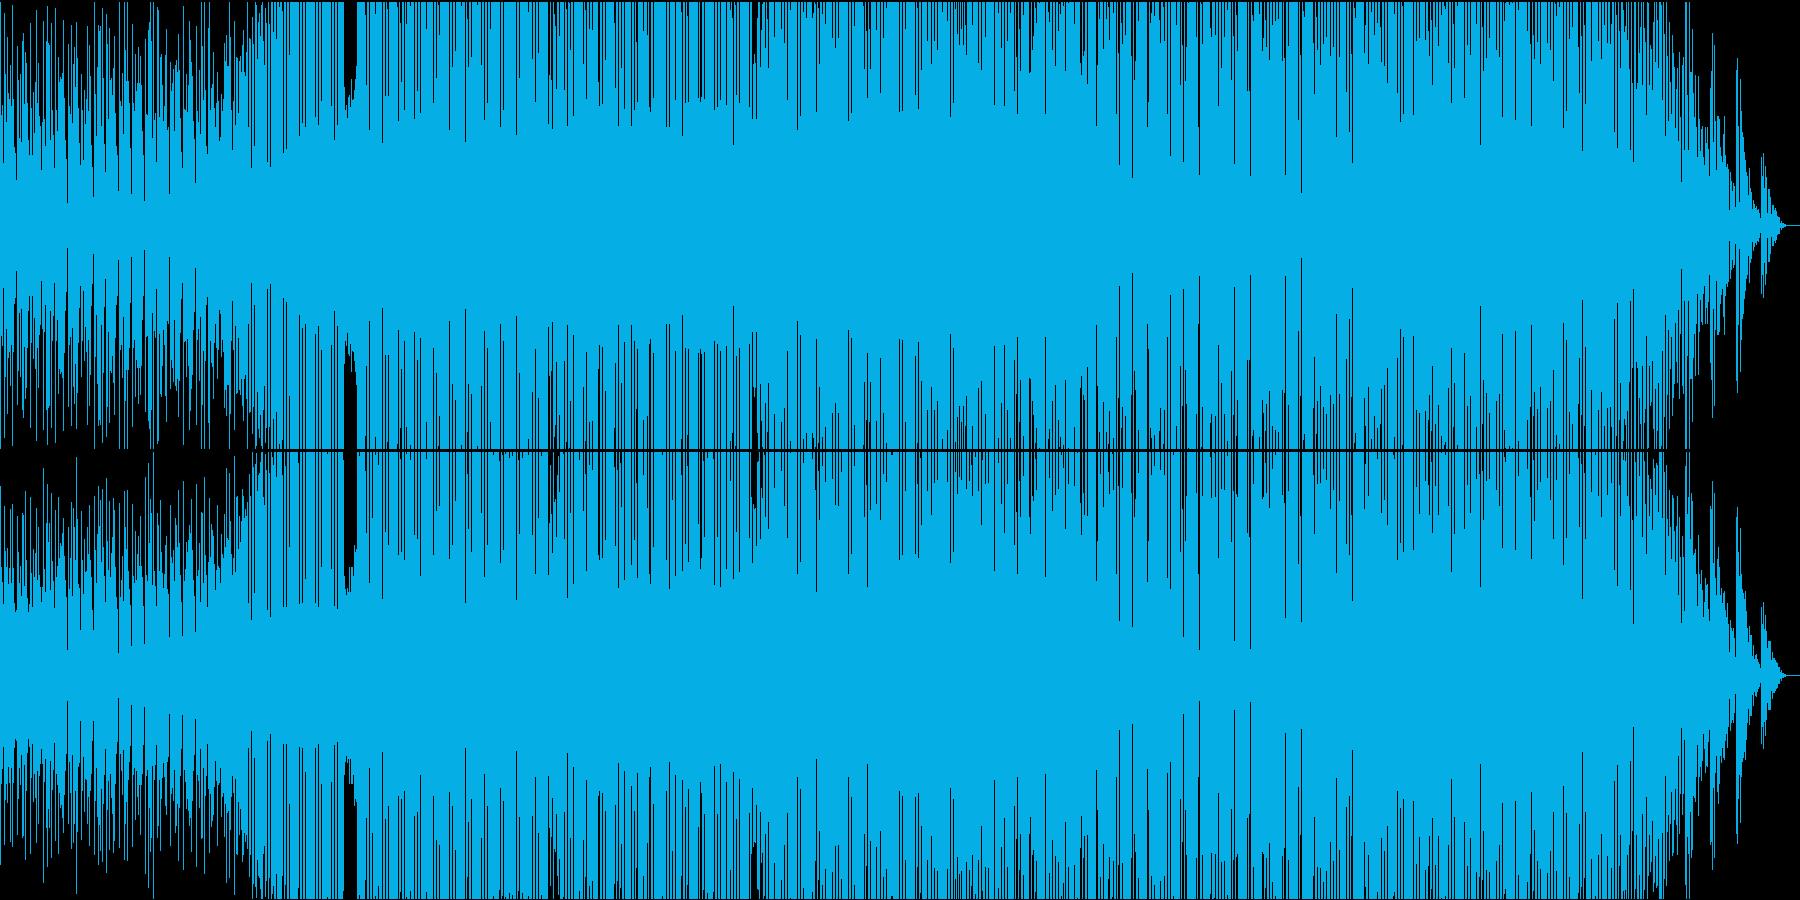 時代を駆ける熱い厚いビートの再生済みの波形